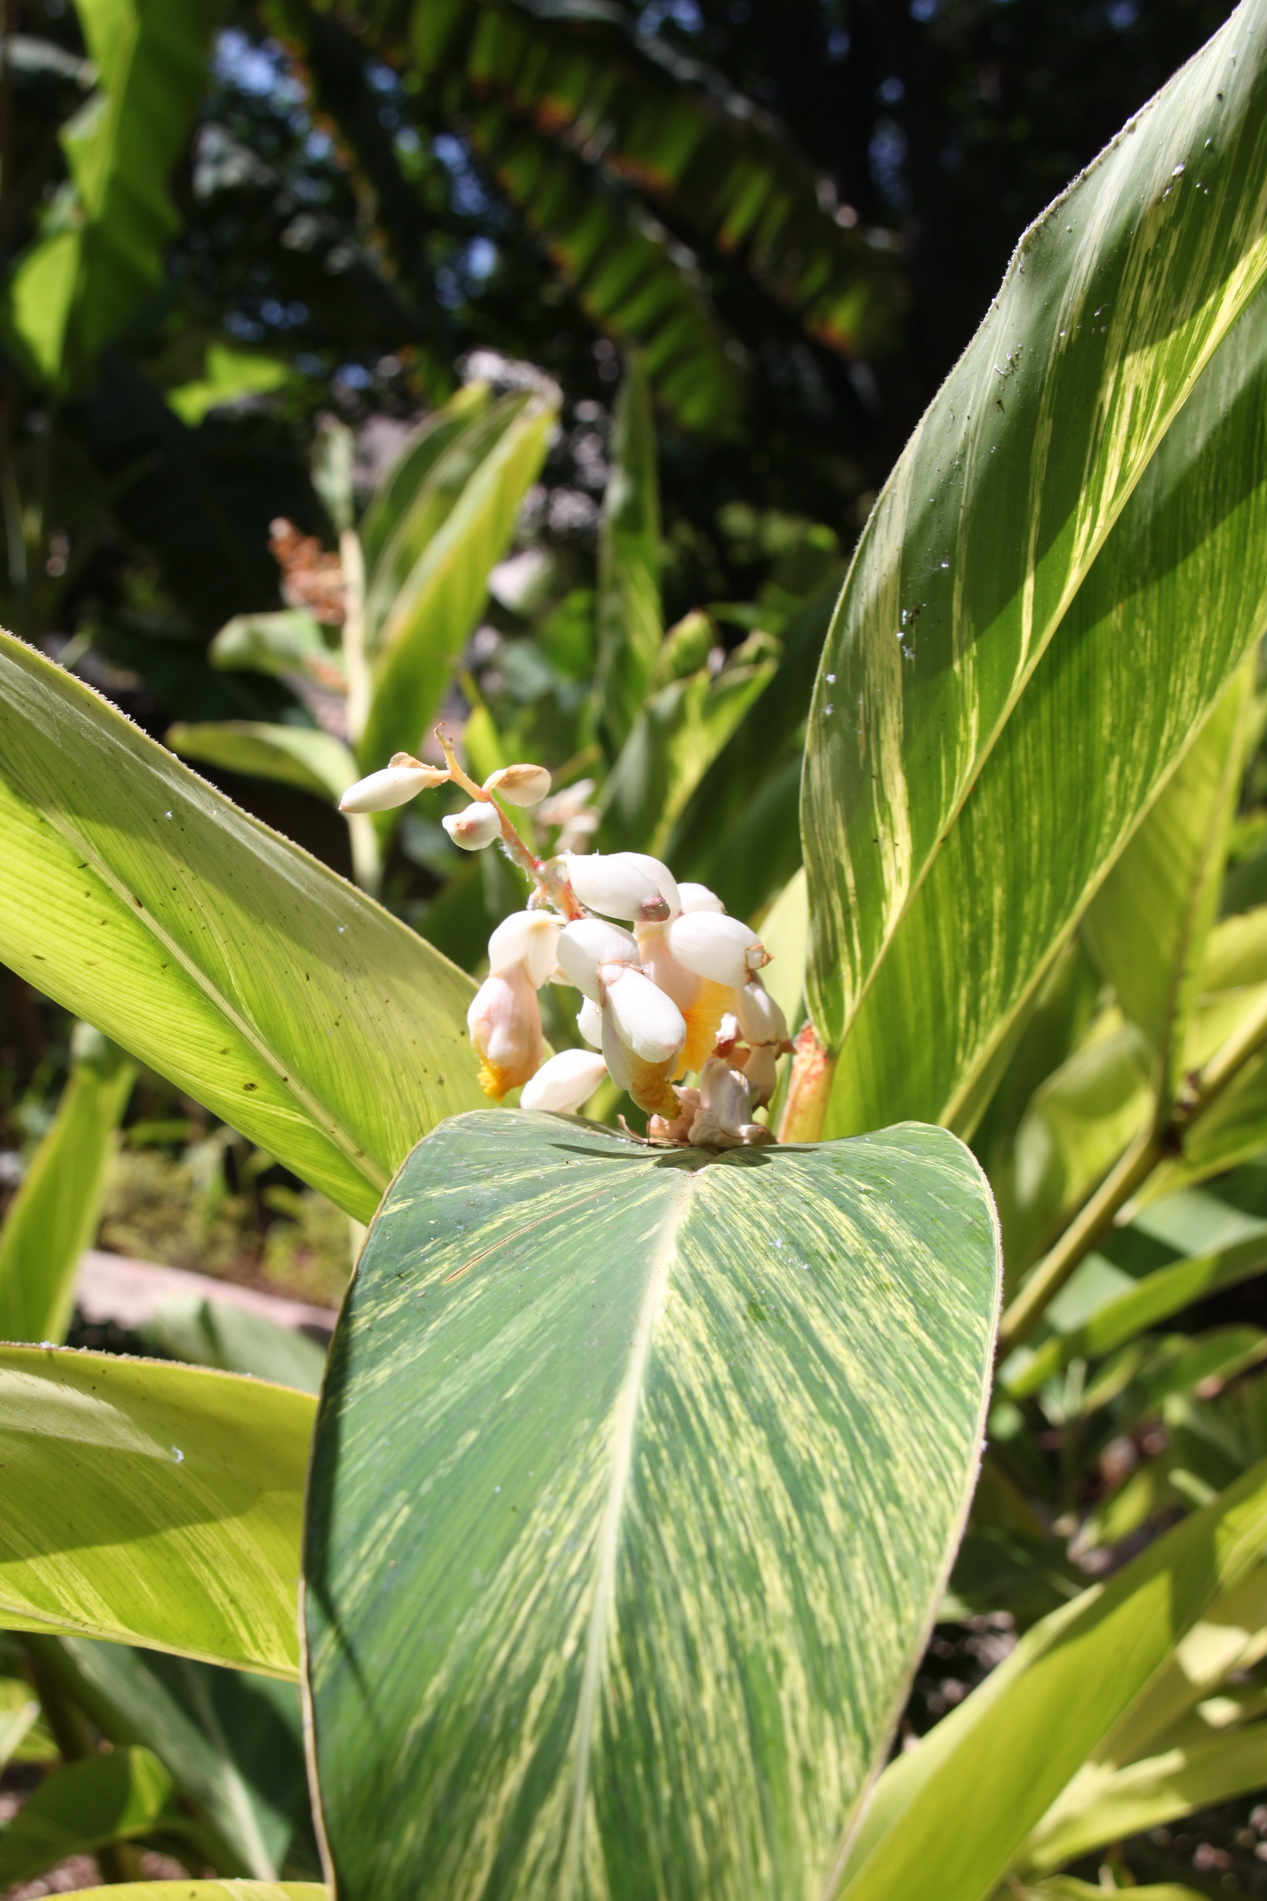 collier de fleur de squash datant